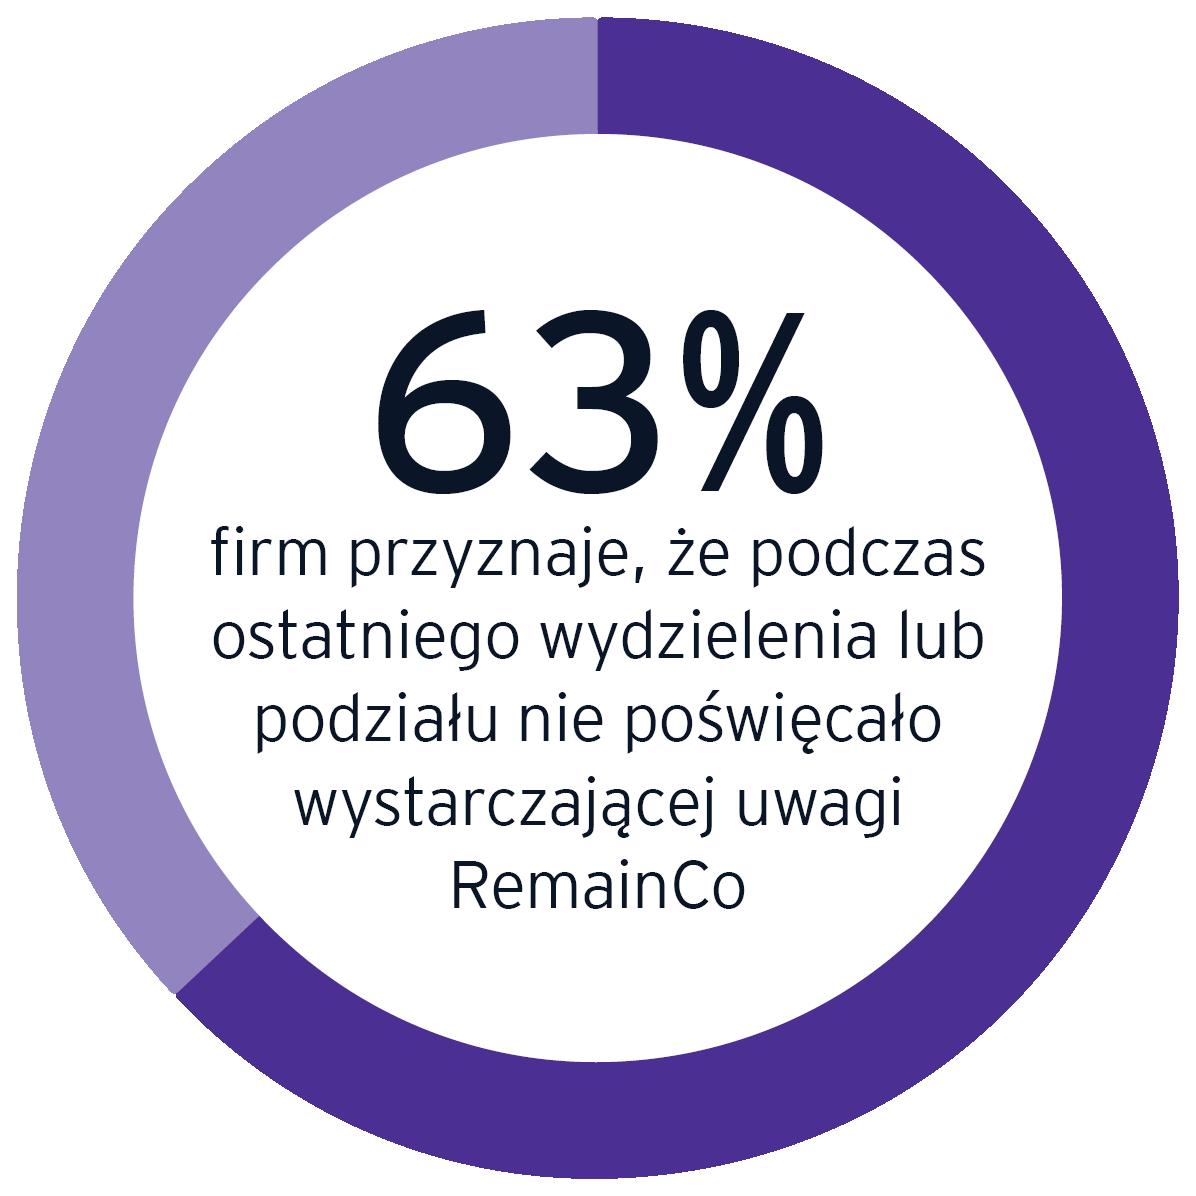 63% firm przyznaje, że